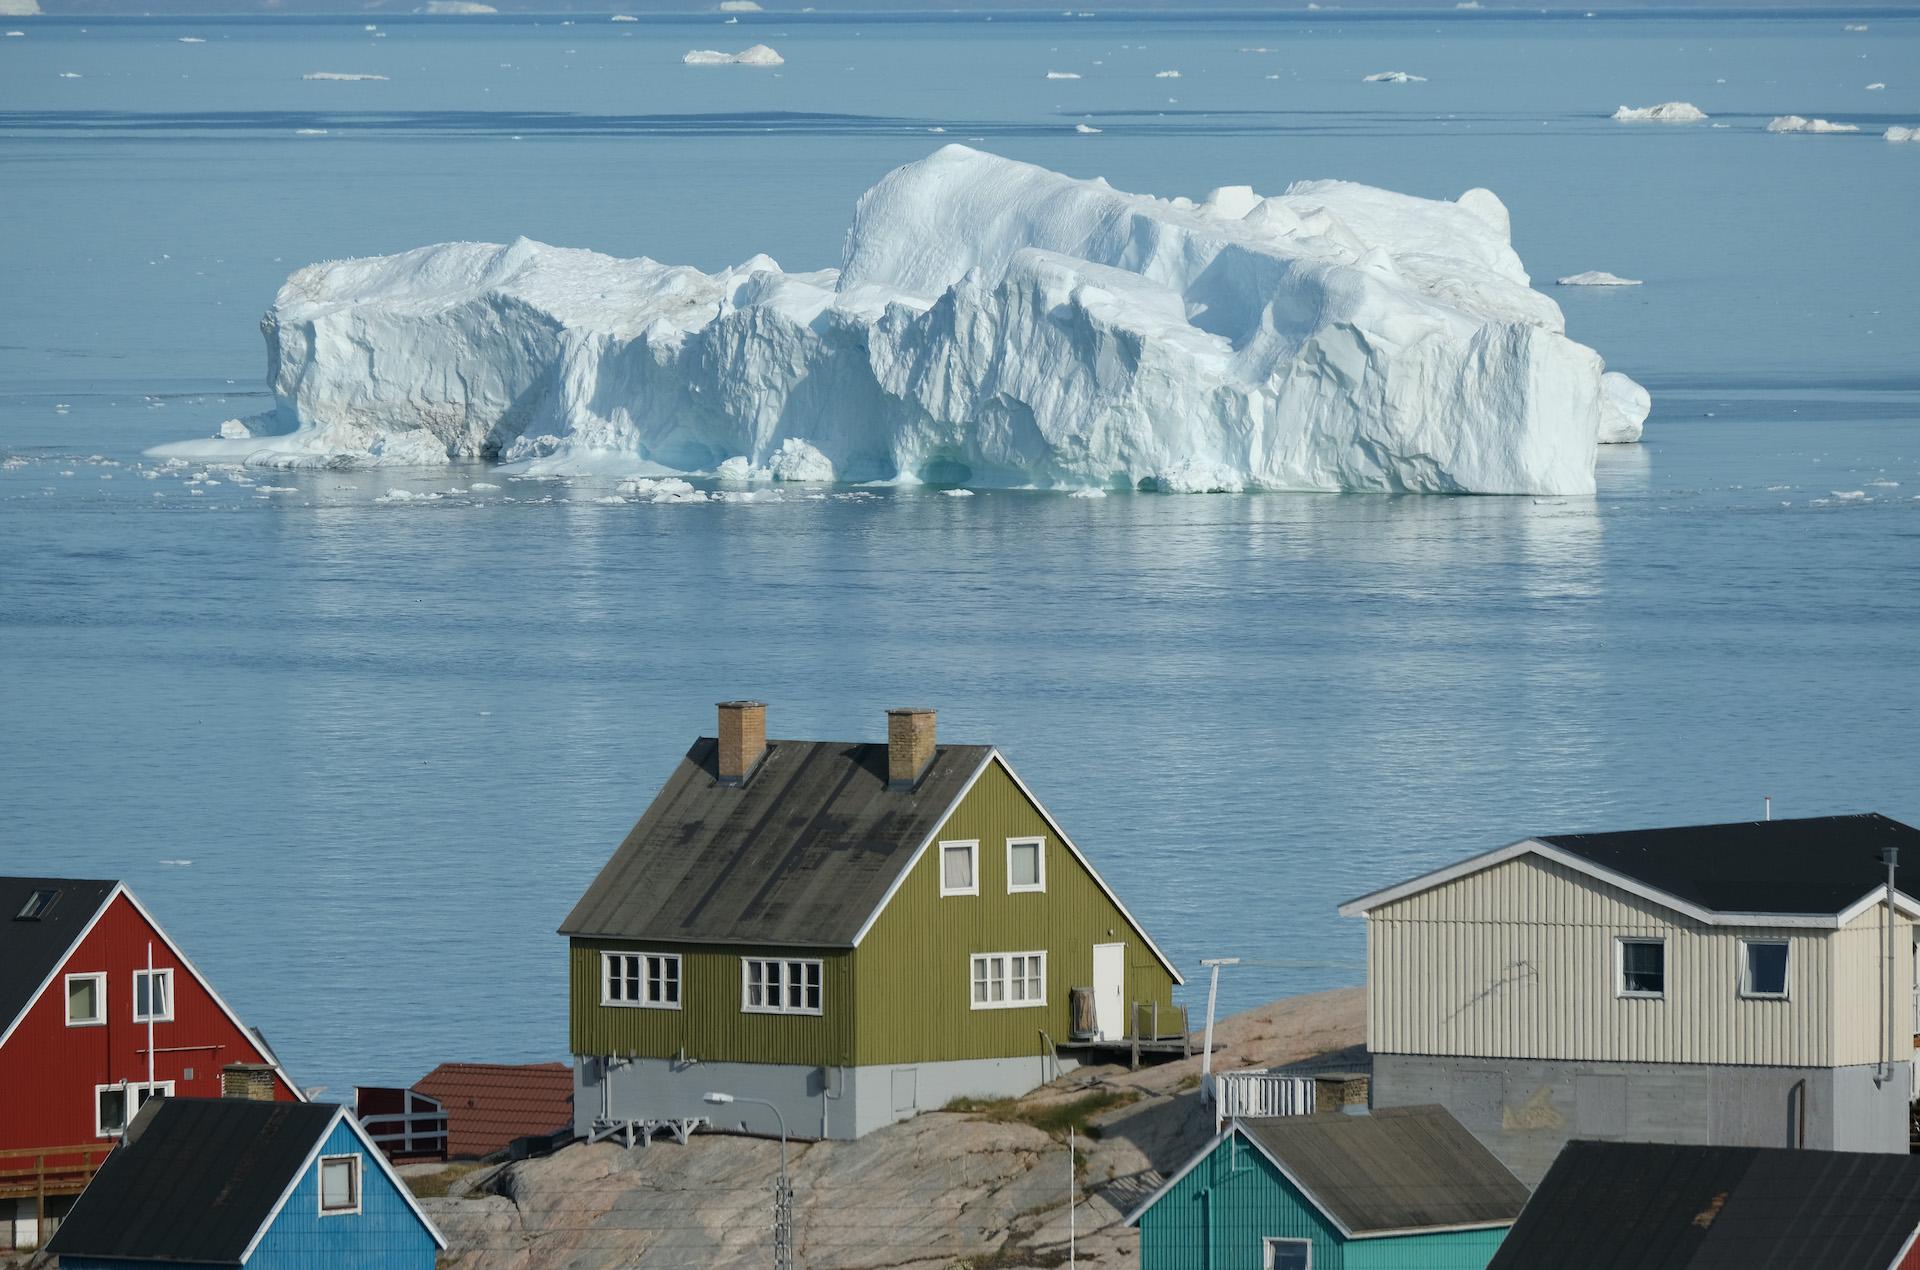 Groenlandia calotta glaciale